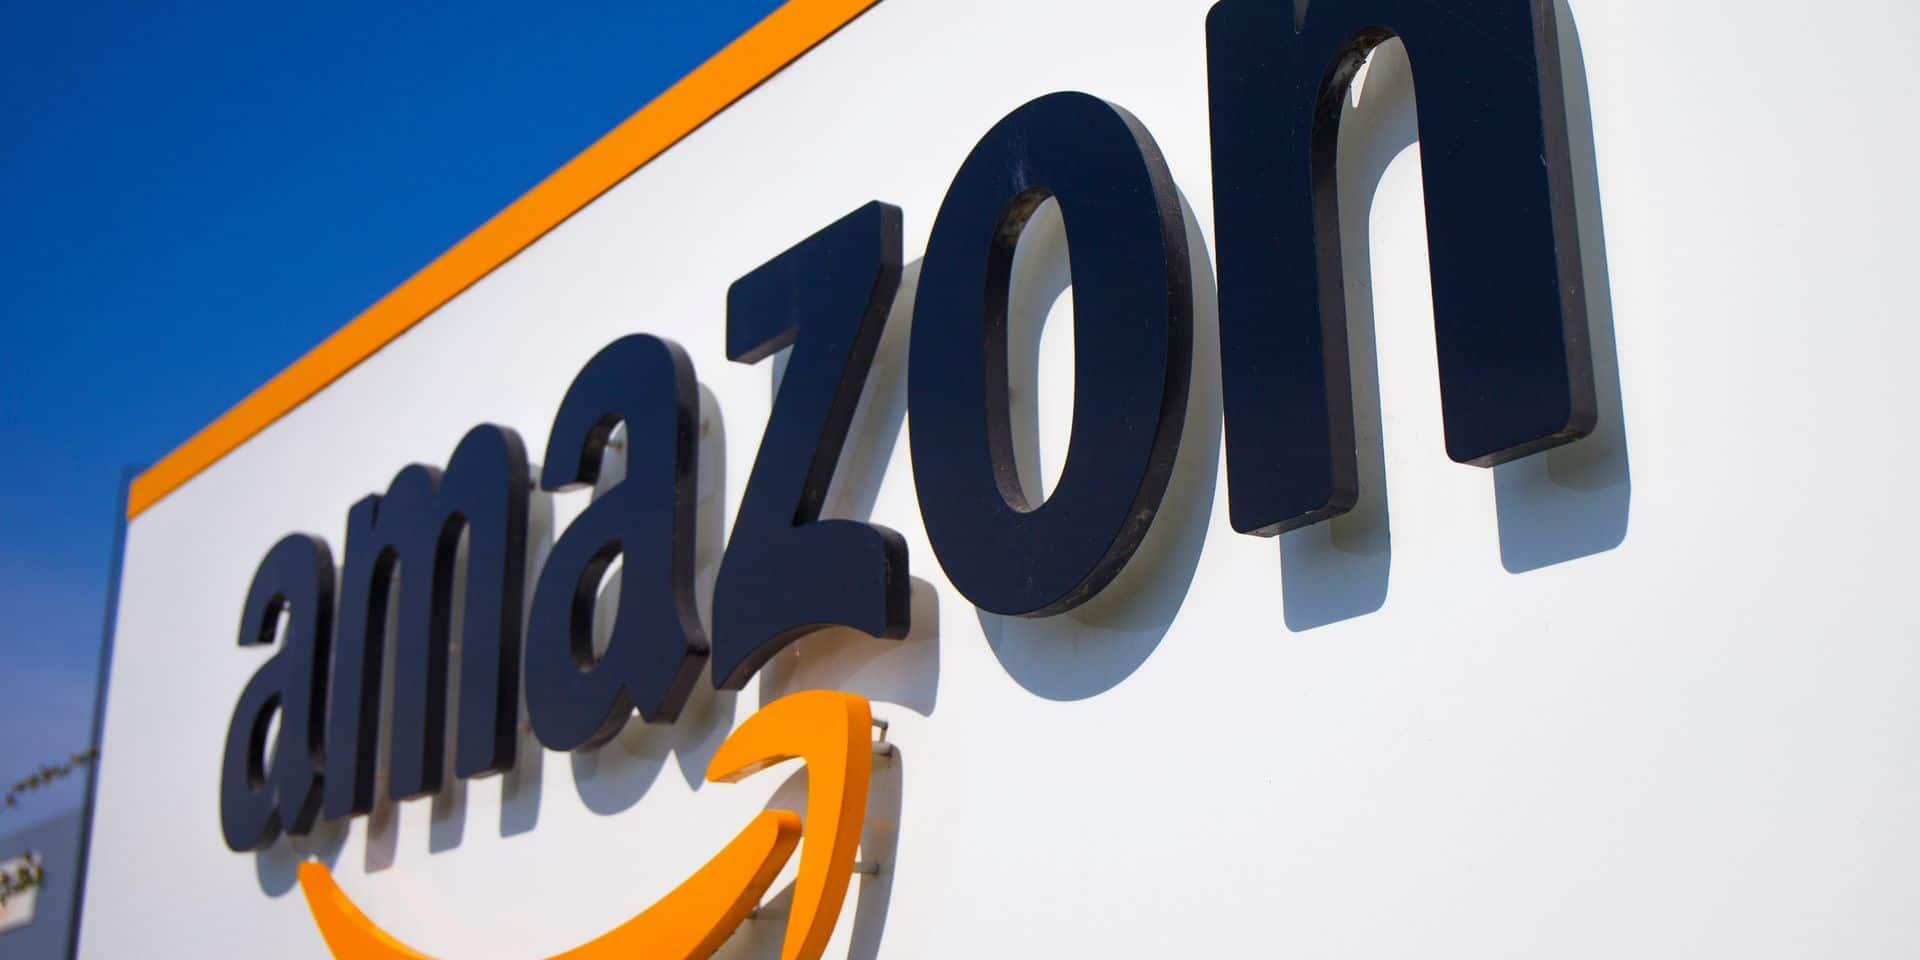 Près de 20.000 salariés d'Amazon ont eu le Covid-19 aux Etats-Unis